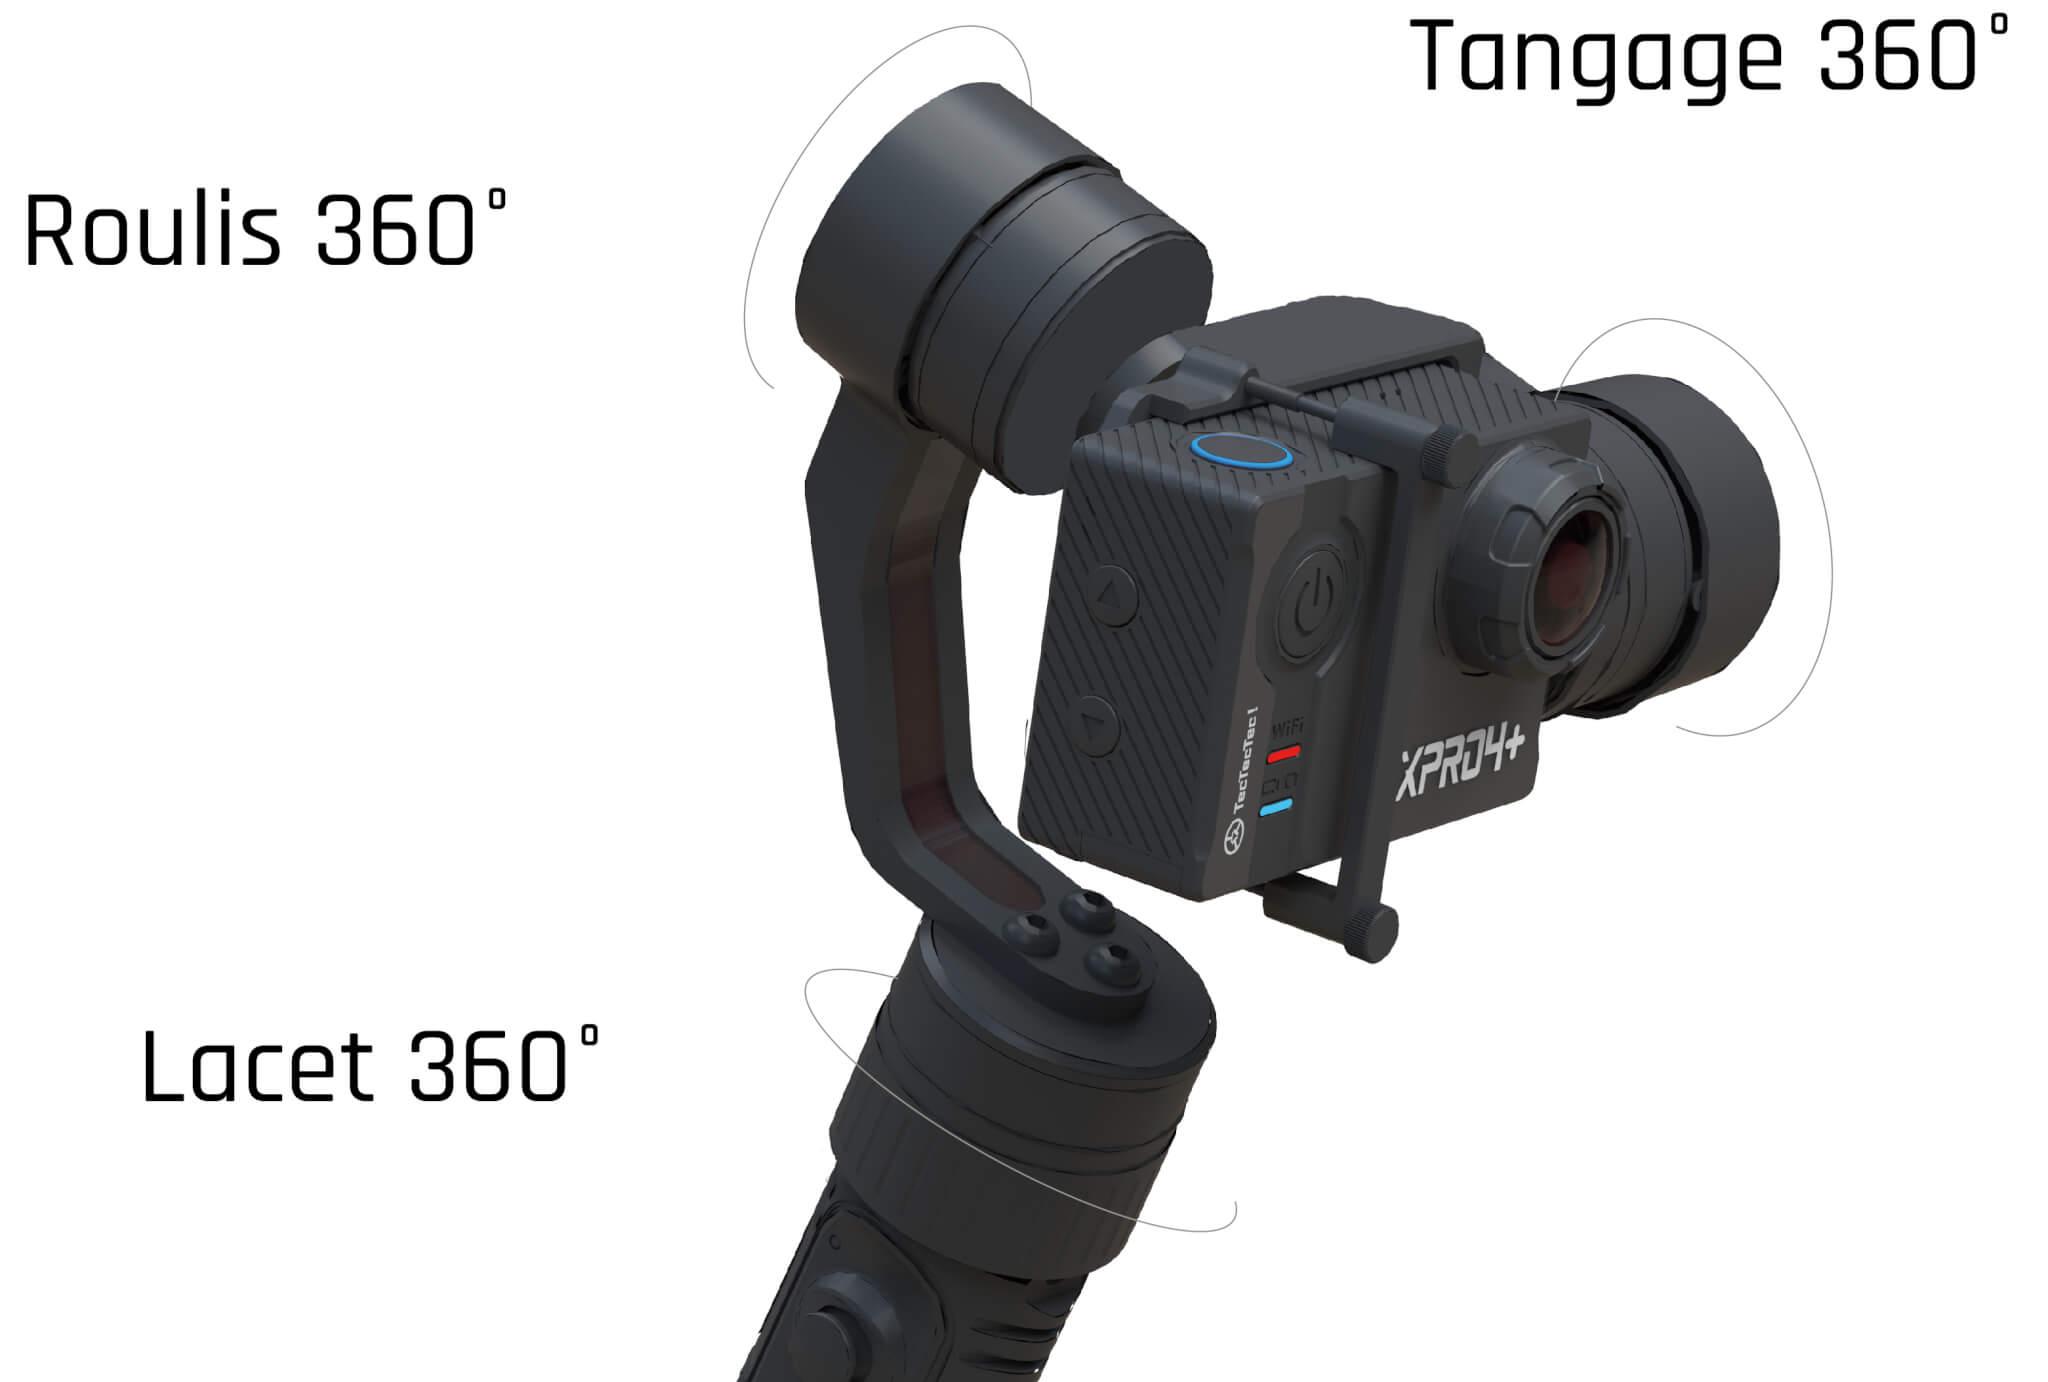 Stabilisateur TecTecTec STPRO1 modes panoramique et suivi et verrouillage